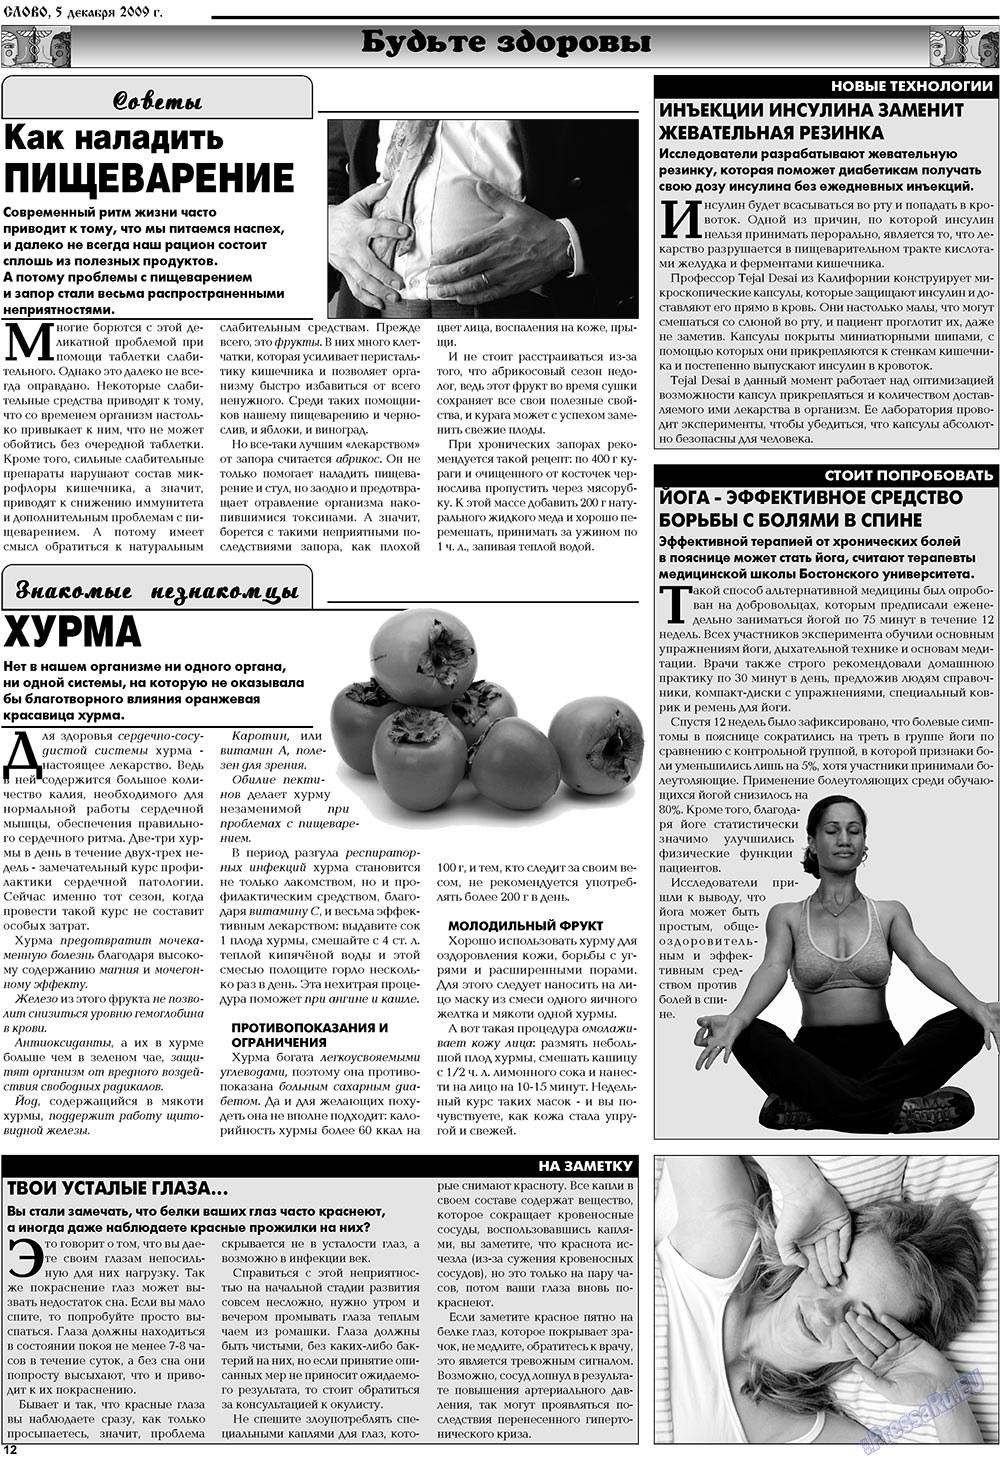 Слово (газета). 2009 год, номер 49, стр. 12